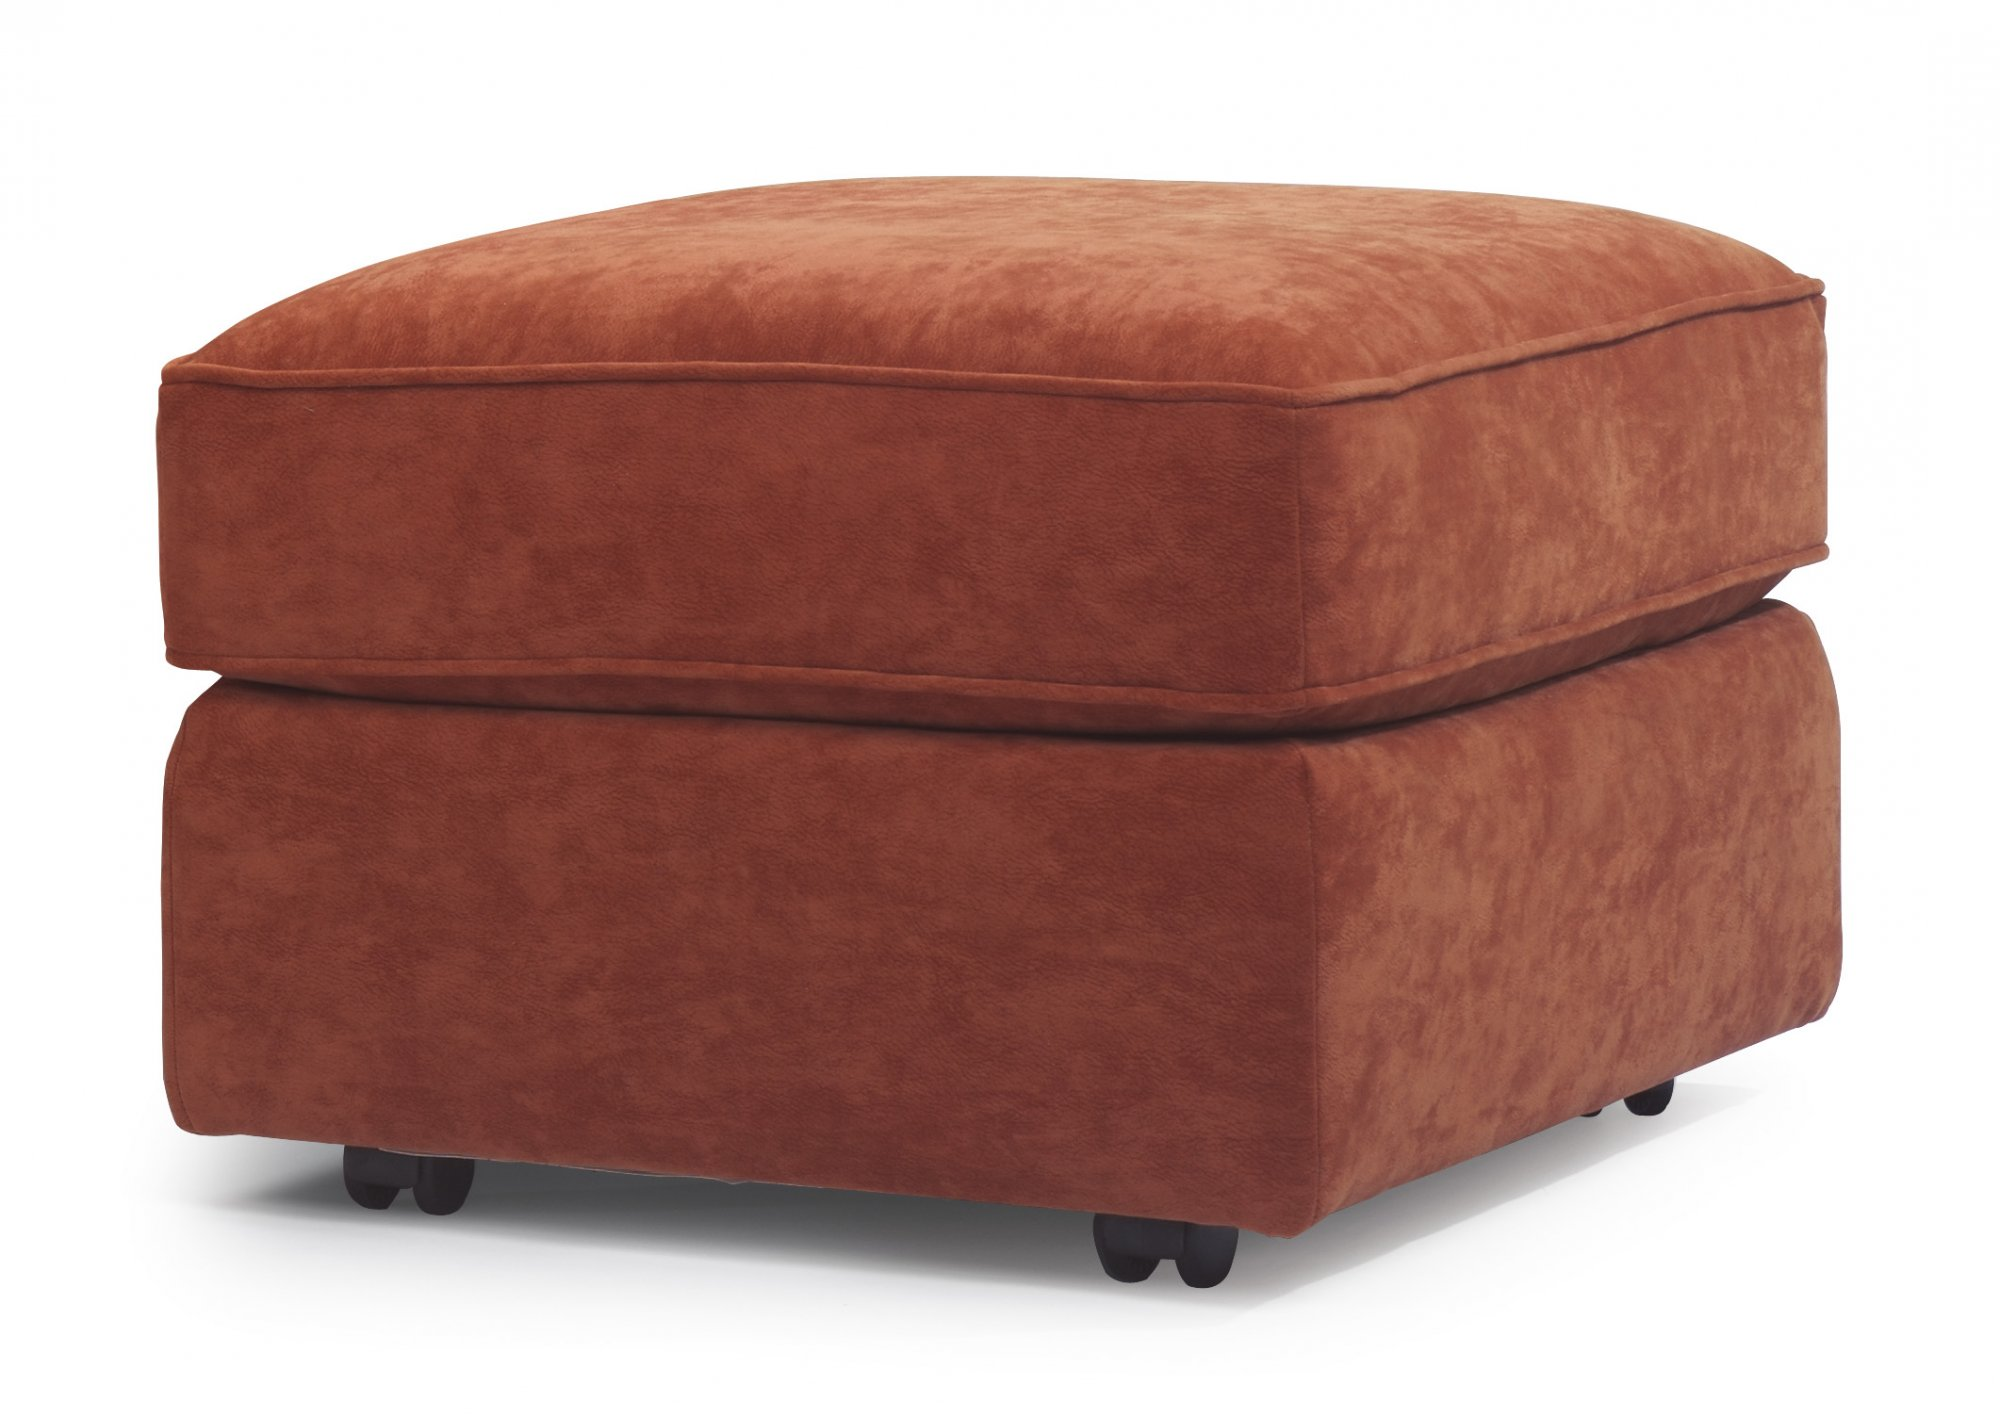 Flexsteel Vail  Leather Ottoman